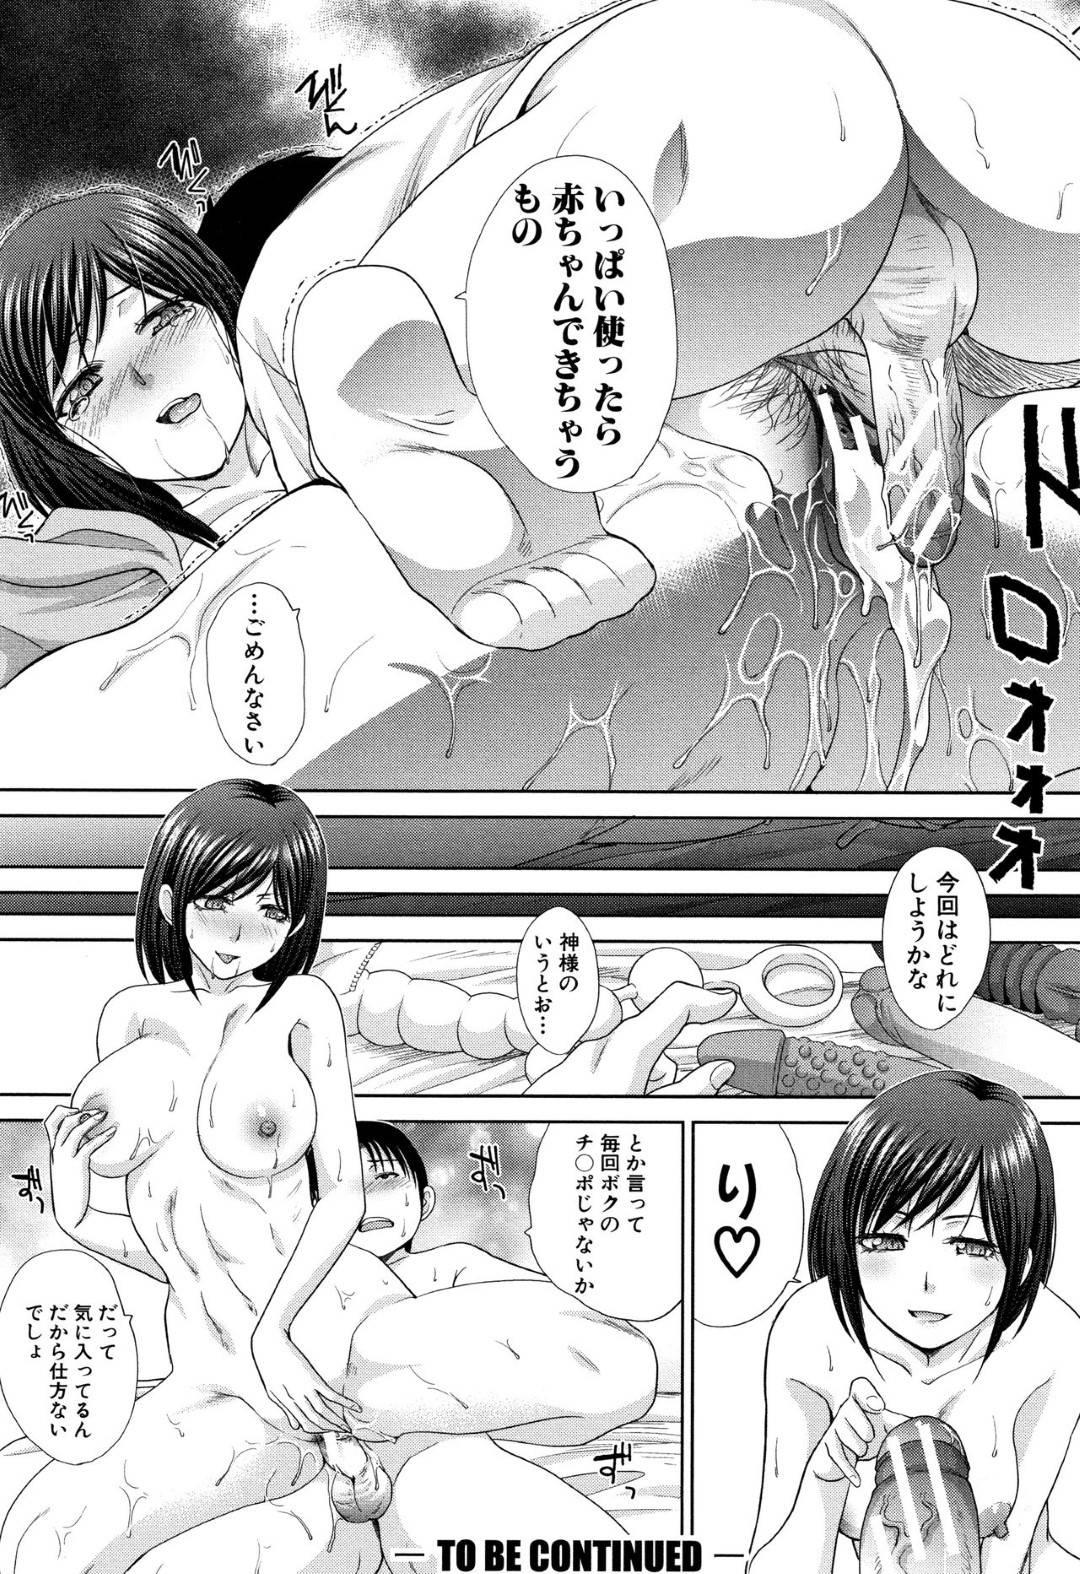 【近親相姦エロ漫画】姉の寝込みを襲いイマラチオしていると姉が目を覚まし責められ精液を搾り取られる!【板場広し】